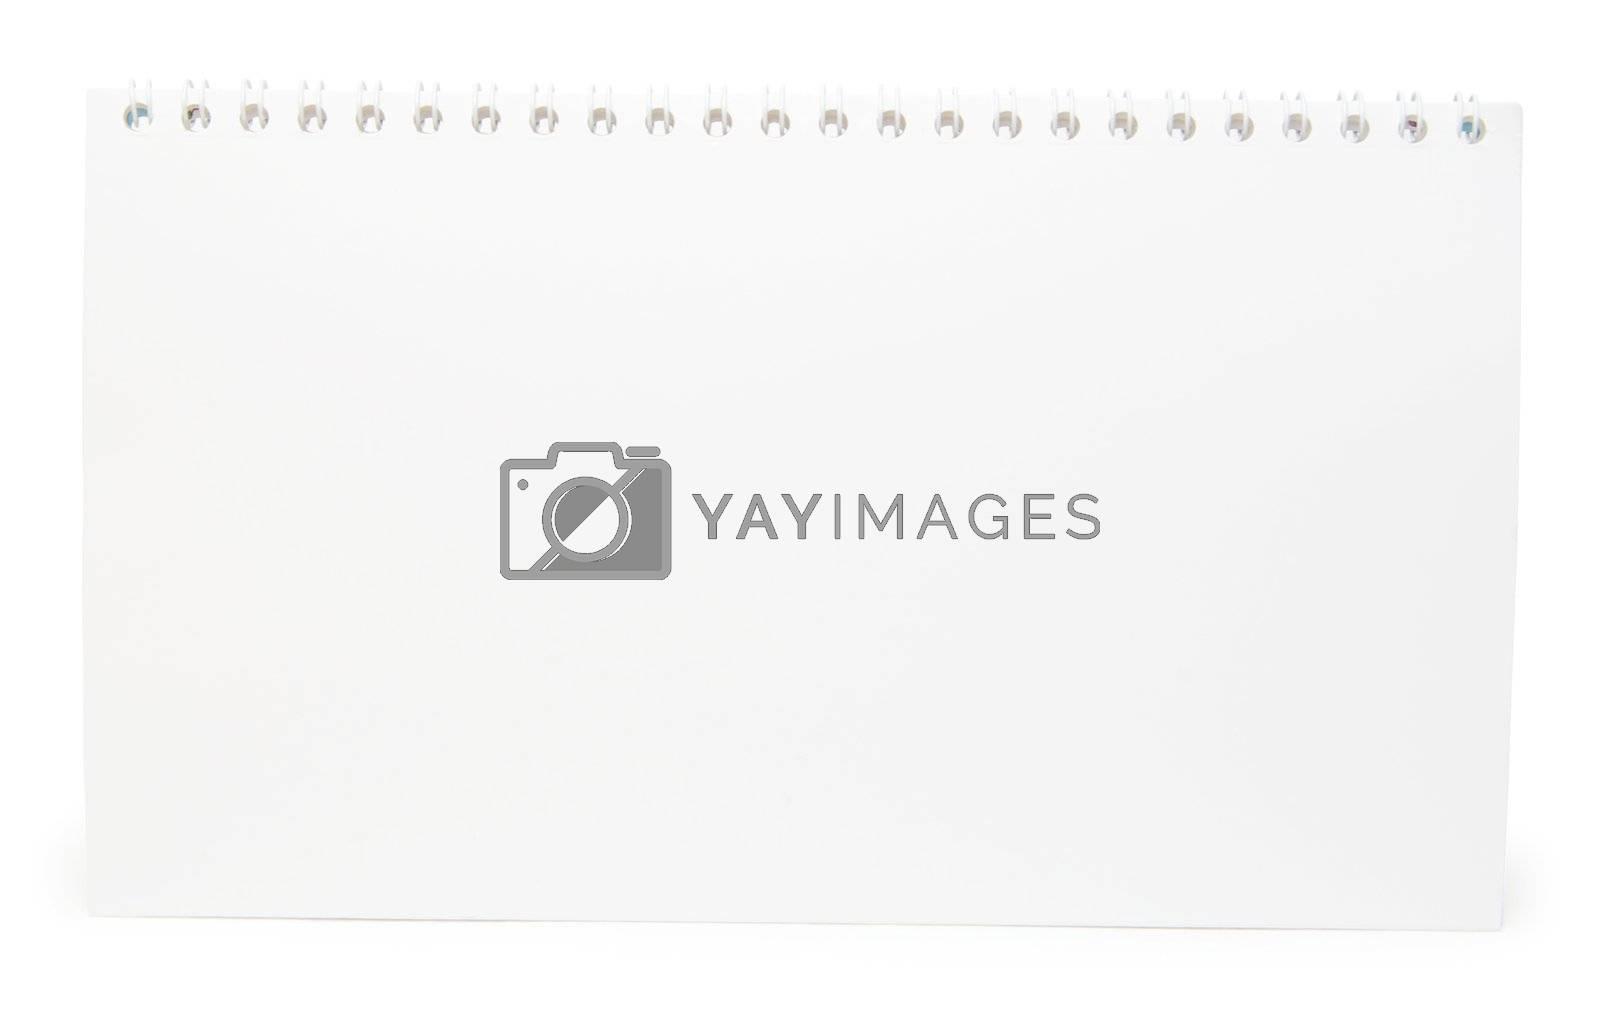 blank calendar  by Pakhnyushchyy